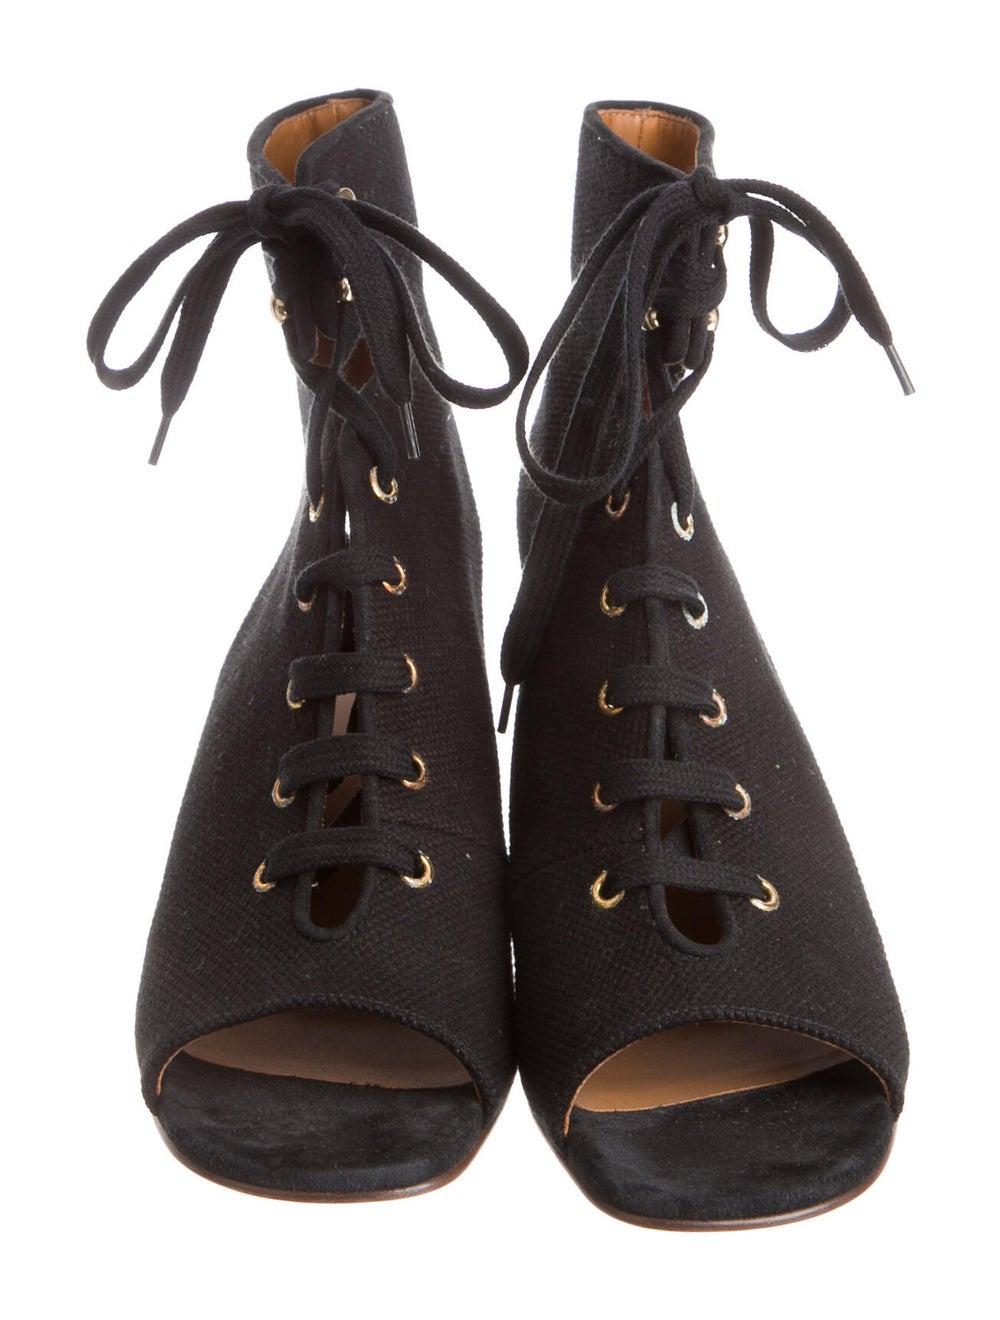 Chloé Sandals Black - image 3